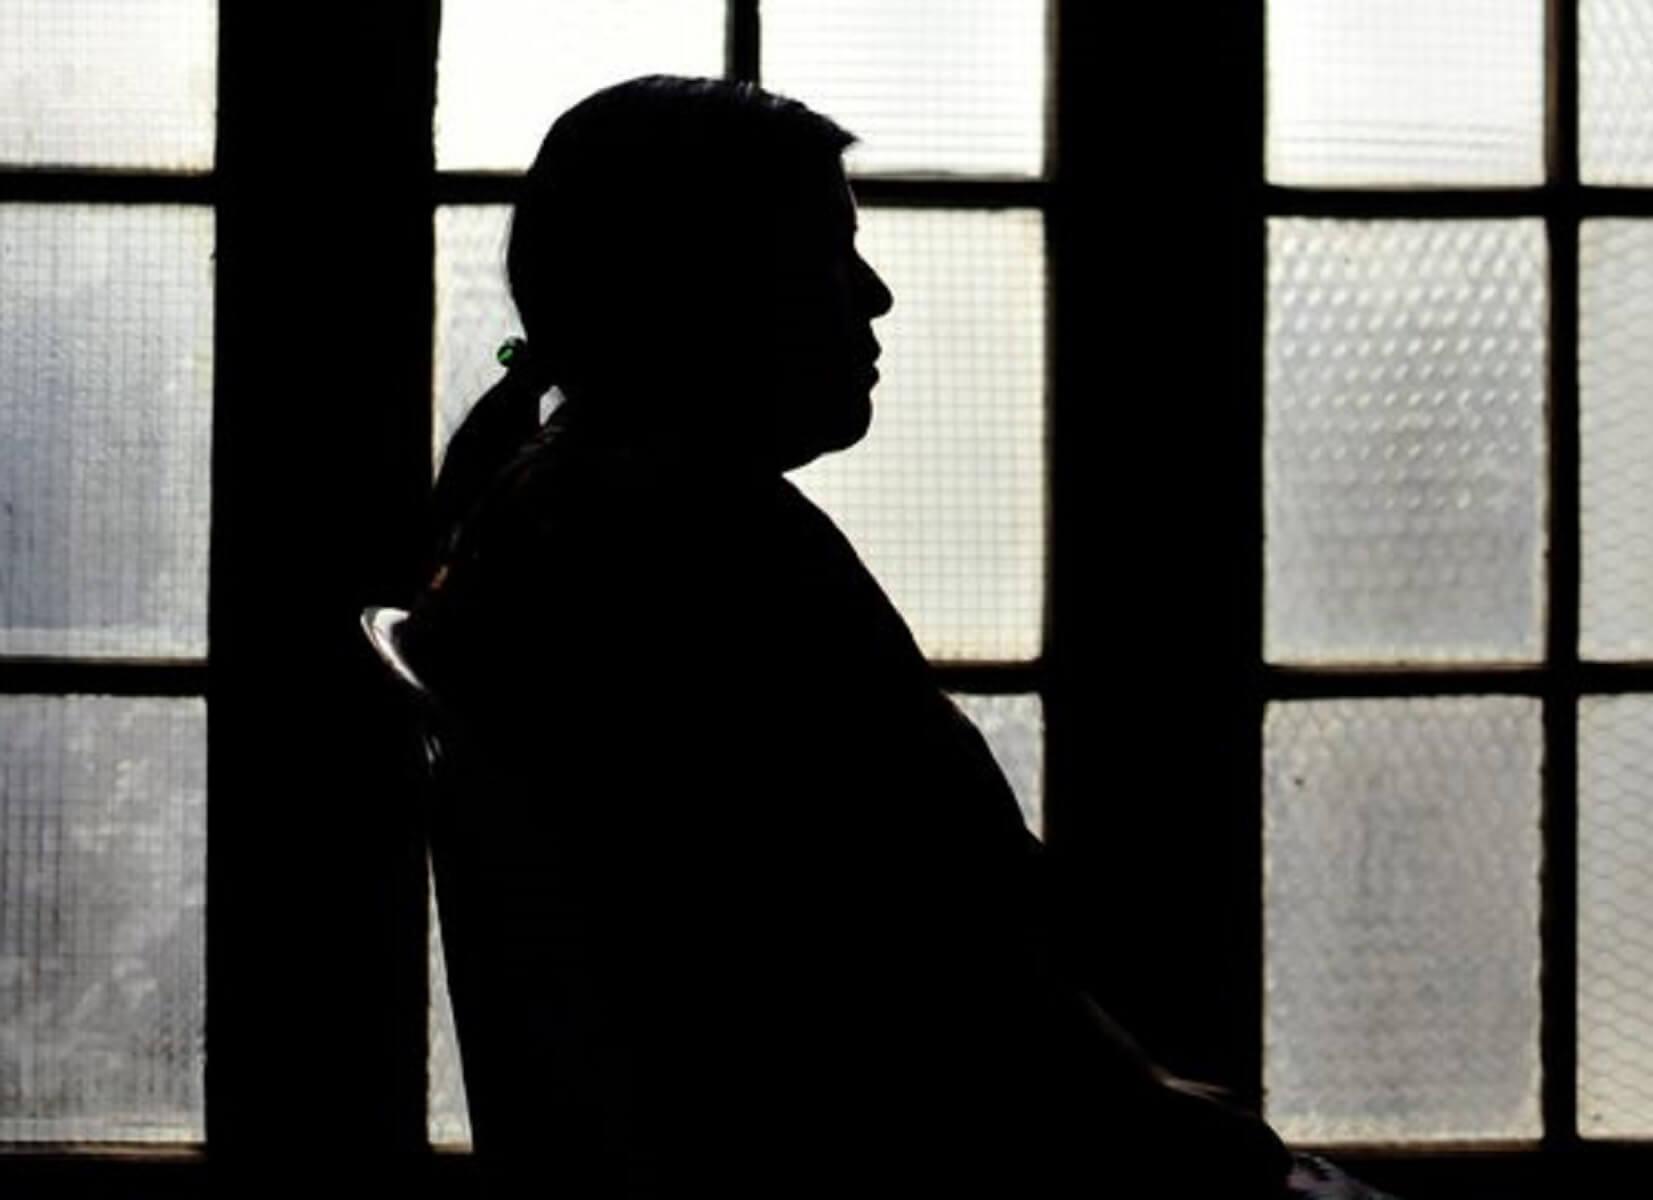 Φρίκη! Κτήνος βίασε την ανήλικη κόρη του 1800 φορές σε διάστημα έξι χρόνων